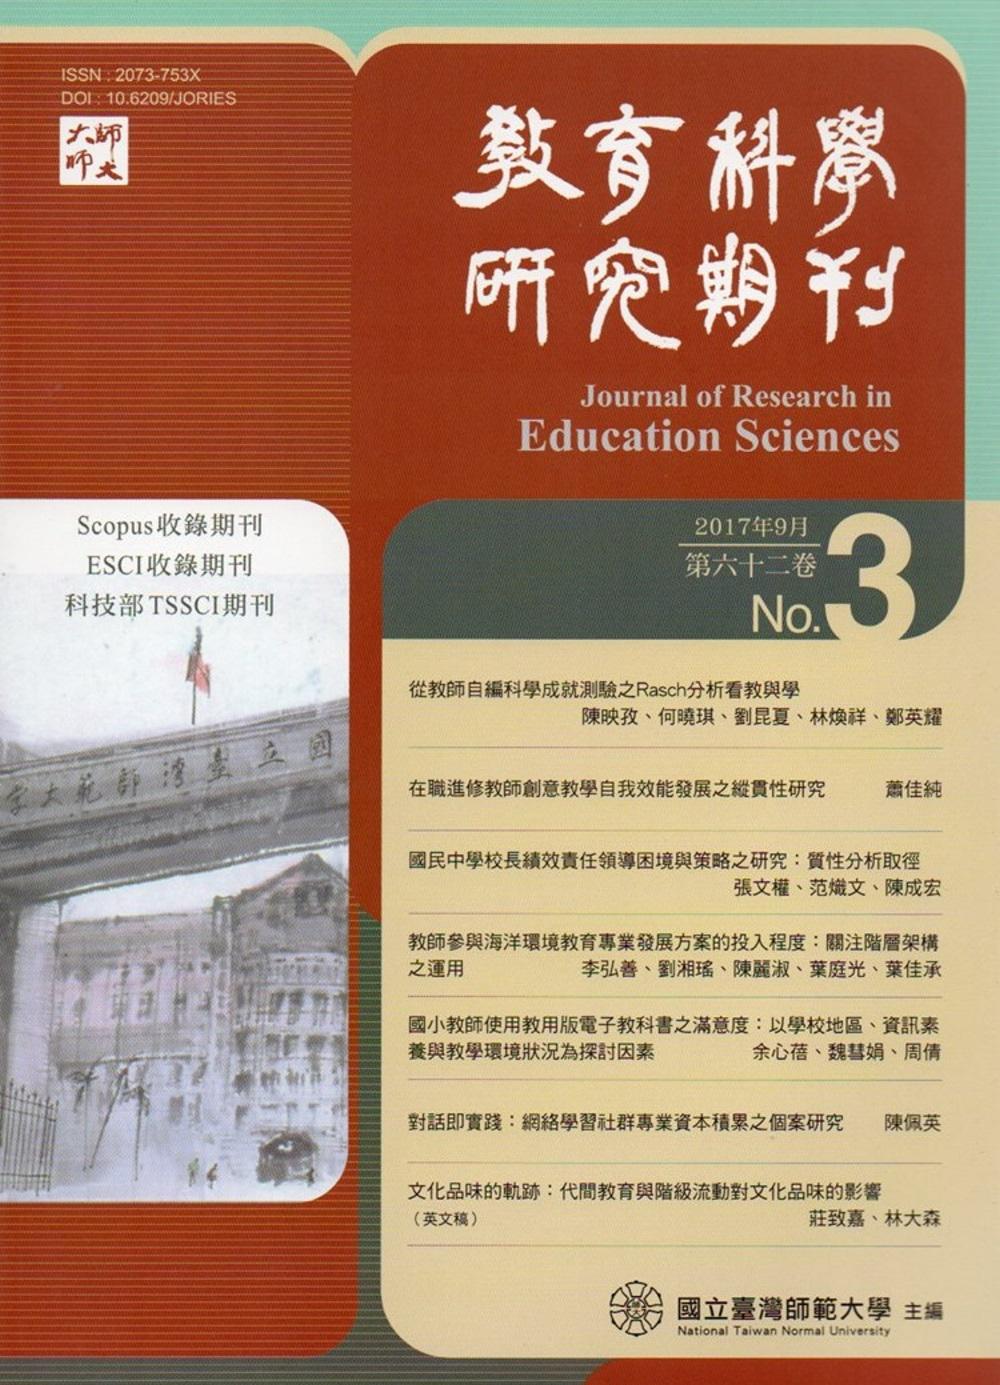 教育科學研究期刊第62卷第3期-2017.09